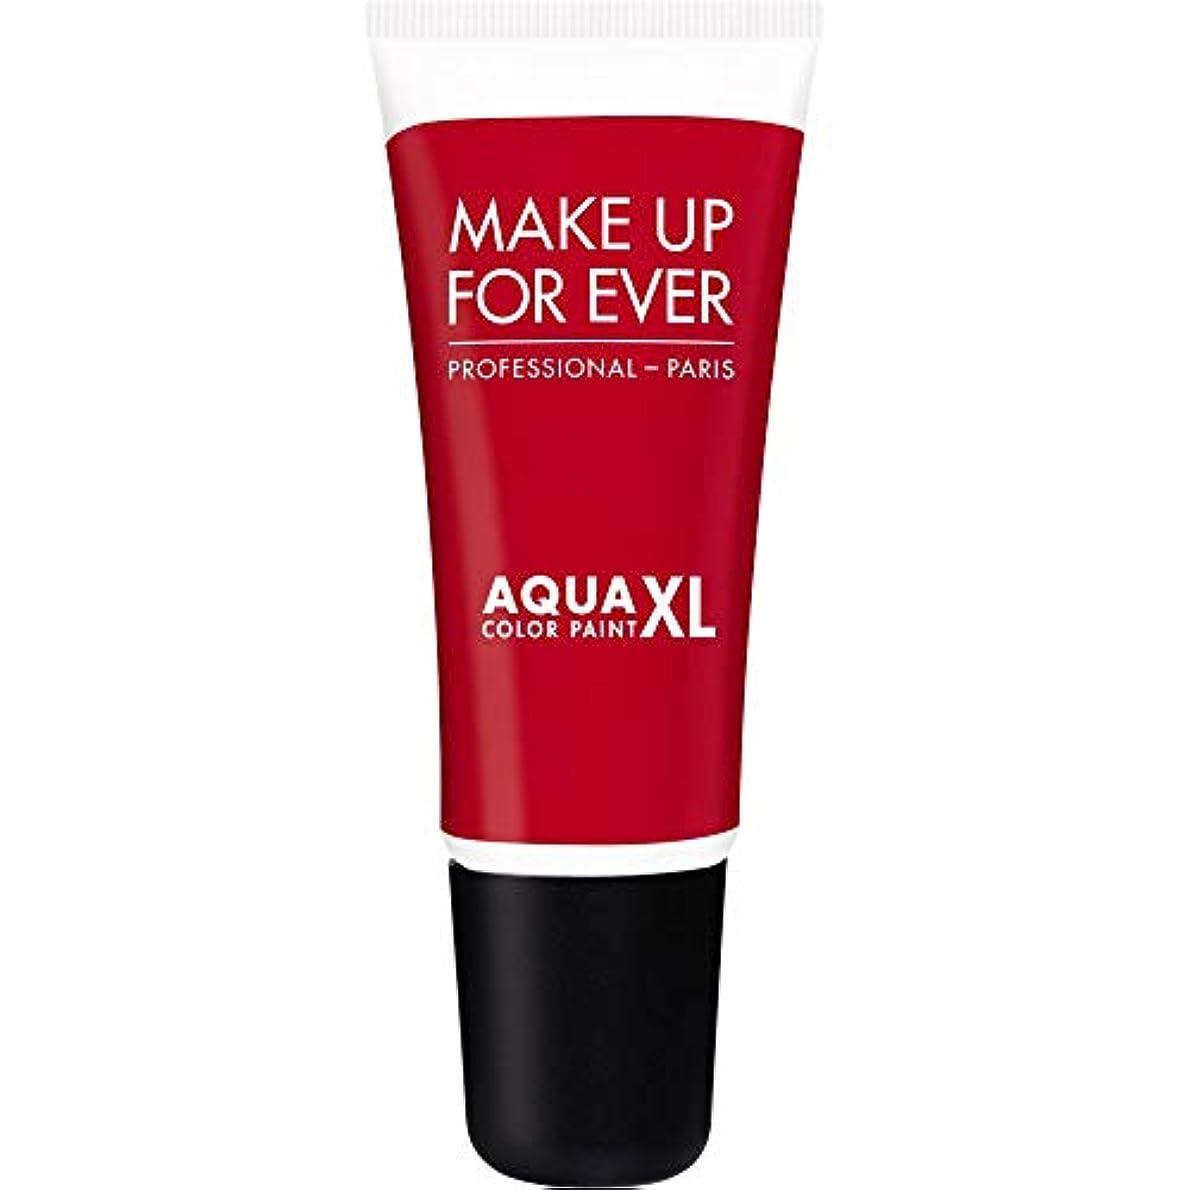 レインコートかまど温帯[MAKE UP FOR EVER] 防水アイシャドウ4.8ミリリットルのM-72 - - マット赤史上アクアXl色の塗料を補います - MAKE UP FOR EVER Aqua XL Color Paint - Waterproof...